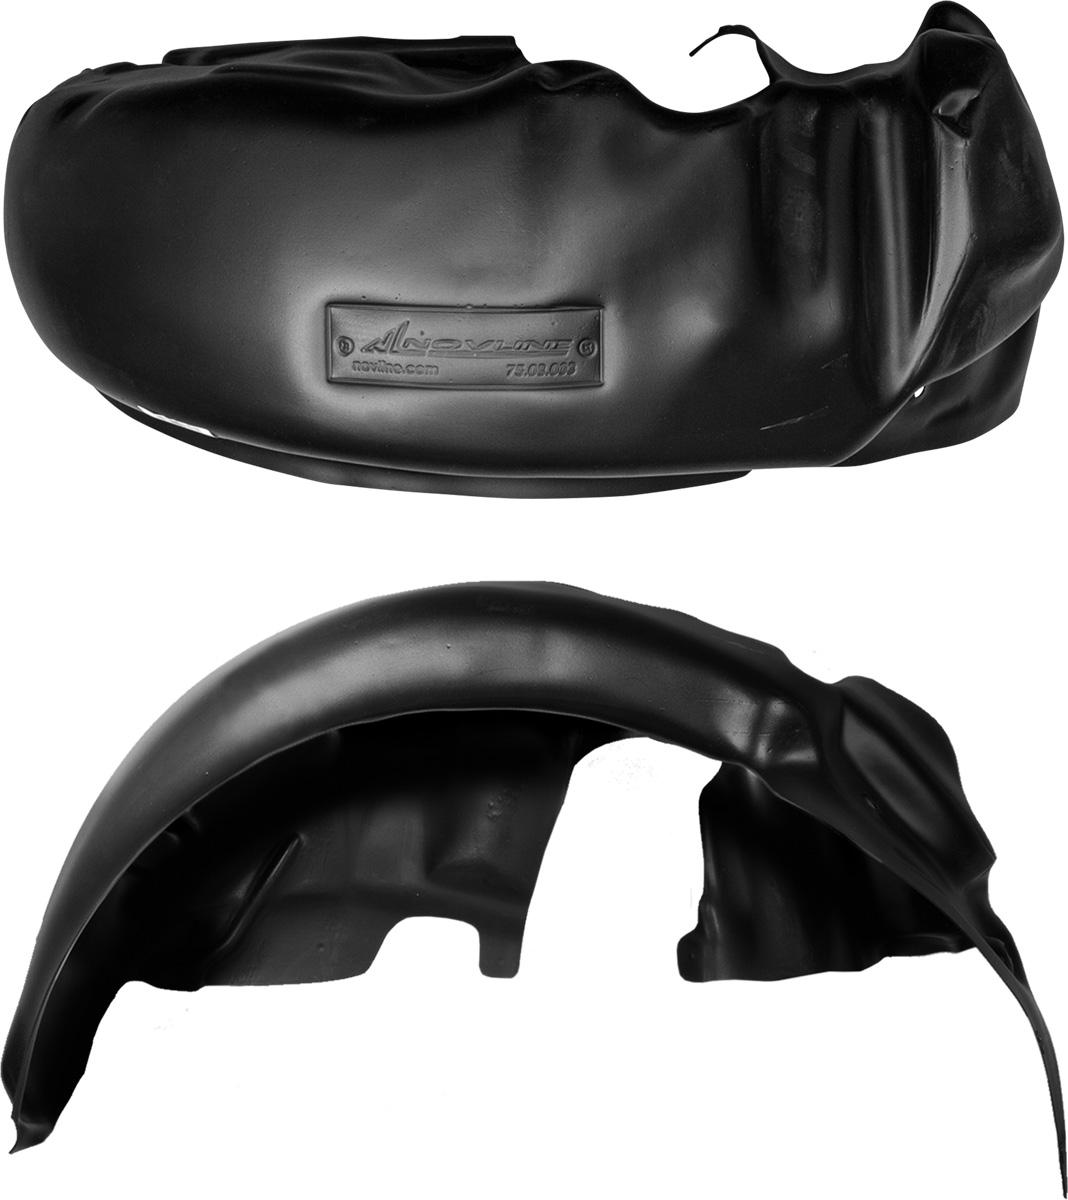 Подкрылок Novline-Autofamily, для Lada Priora, 2007 ->, задний левыйNLL.52.16.003Колесные ниши - одни из самых уязвимых зон днища вашего автомобиля. Они постоянно подвергаются воздействию со стороны дороги. Лучшая, почти абсолютная защита для них - специально отформованные пластиковые кожухи, которые называются подкрылками. Производятся они как для отечественных моделей автомобилей, так и для иномарок. Подкрылки Novline-Autofamily выполнены из высококачественного, экологически чистого пластика. Обеспечивают надежную защиту кузова автомобиля от пескоструйного эффекта и негативного влияния, агрессивных антигололедных реагентов. Пластик обладает более низкой теплопроводностью, чем металл, поэтому в зимний период эксплуатации использование пластиковых подкрылков позволяет лучше защитить колесные ниши от налипания снега и образования наледи. Оригинальность конструкции подчеркивает элегантность автомобиля, бережно защищает нанесенное на днище кузова антикоррозийное покрытие и позволяет осуществить крепление подкрылков внутри колесной арки практически без...